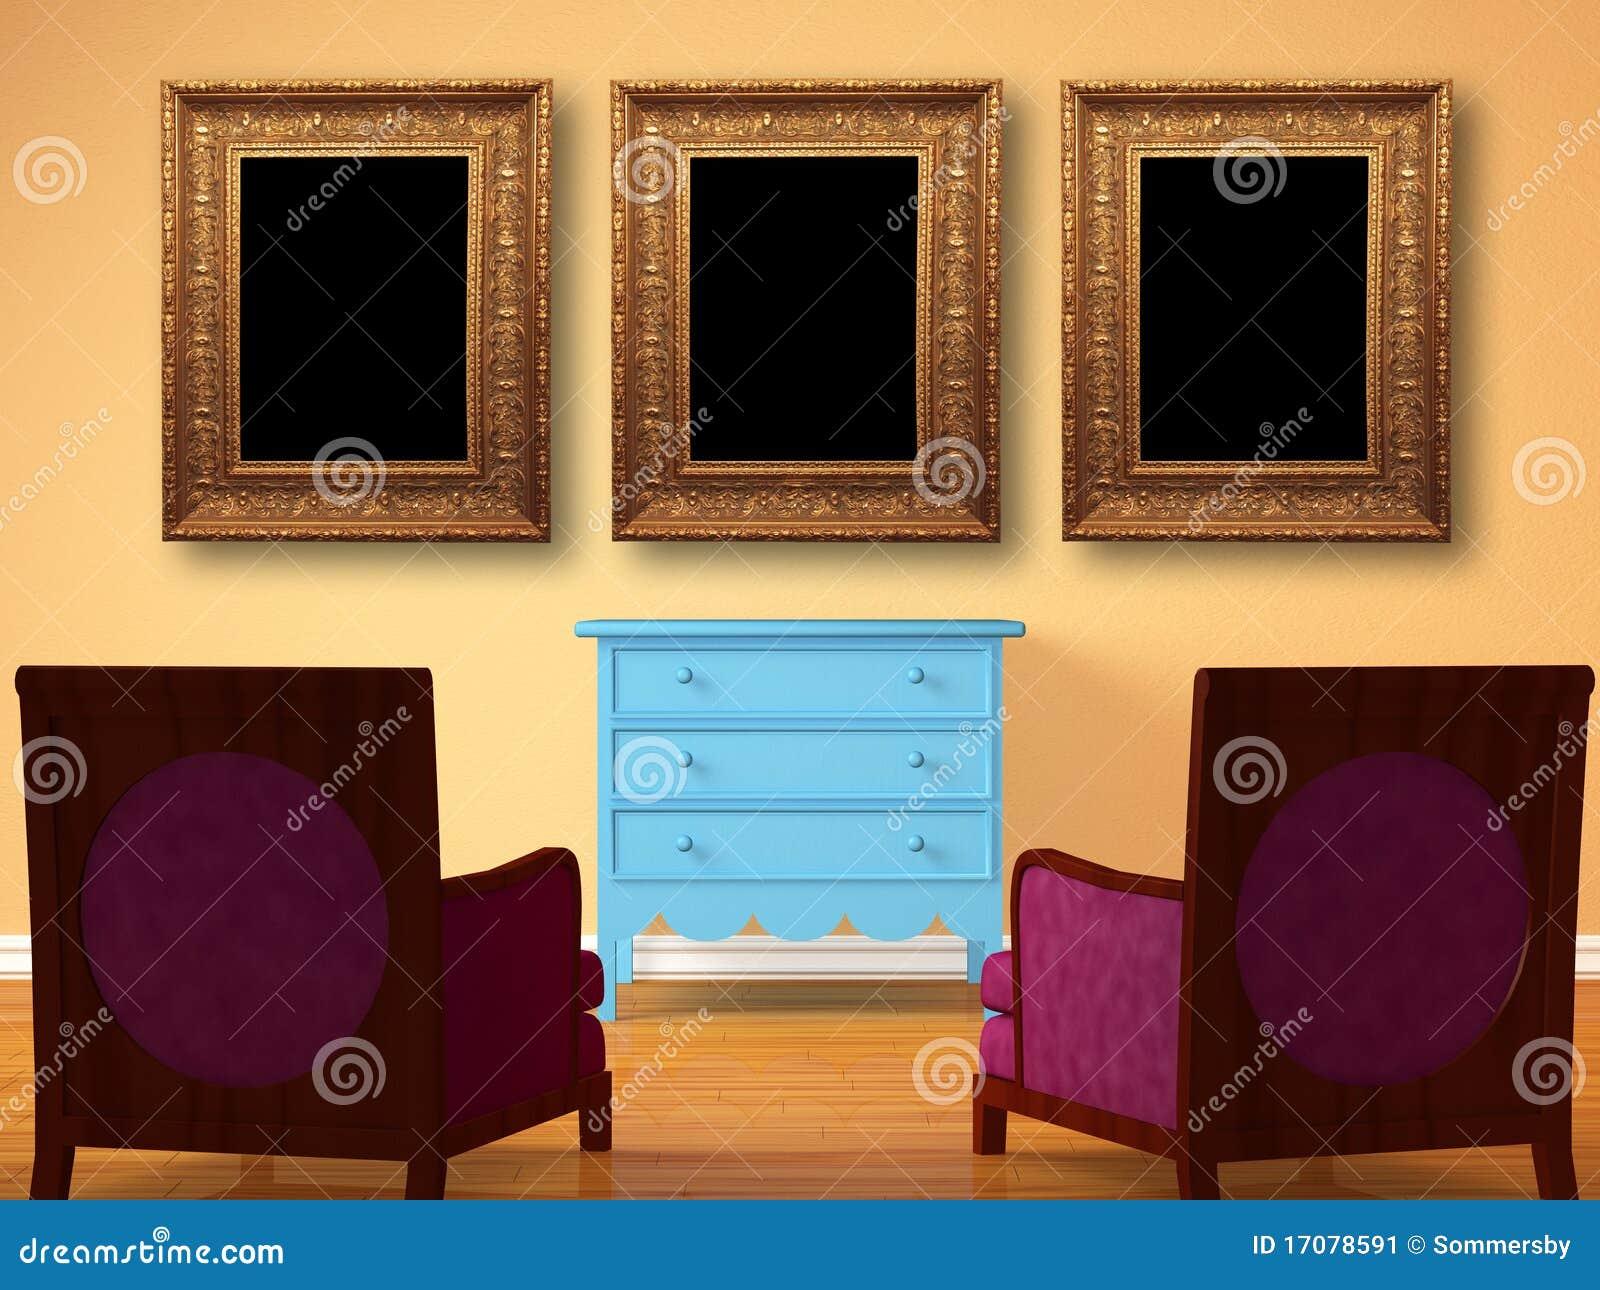 Duas cadeiras oposto à cabeceira de madeira com frames